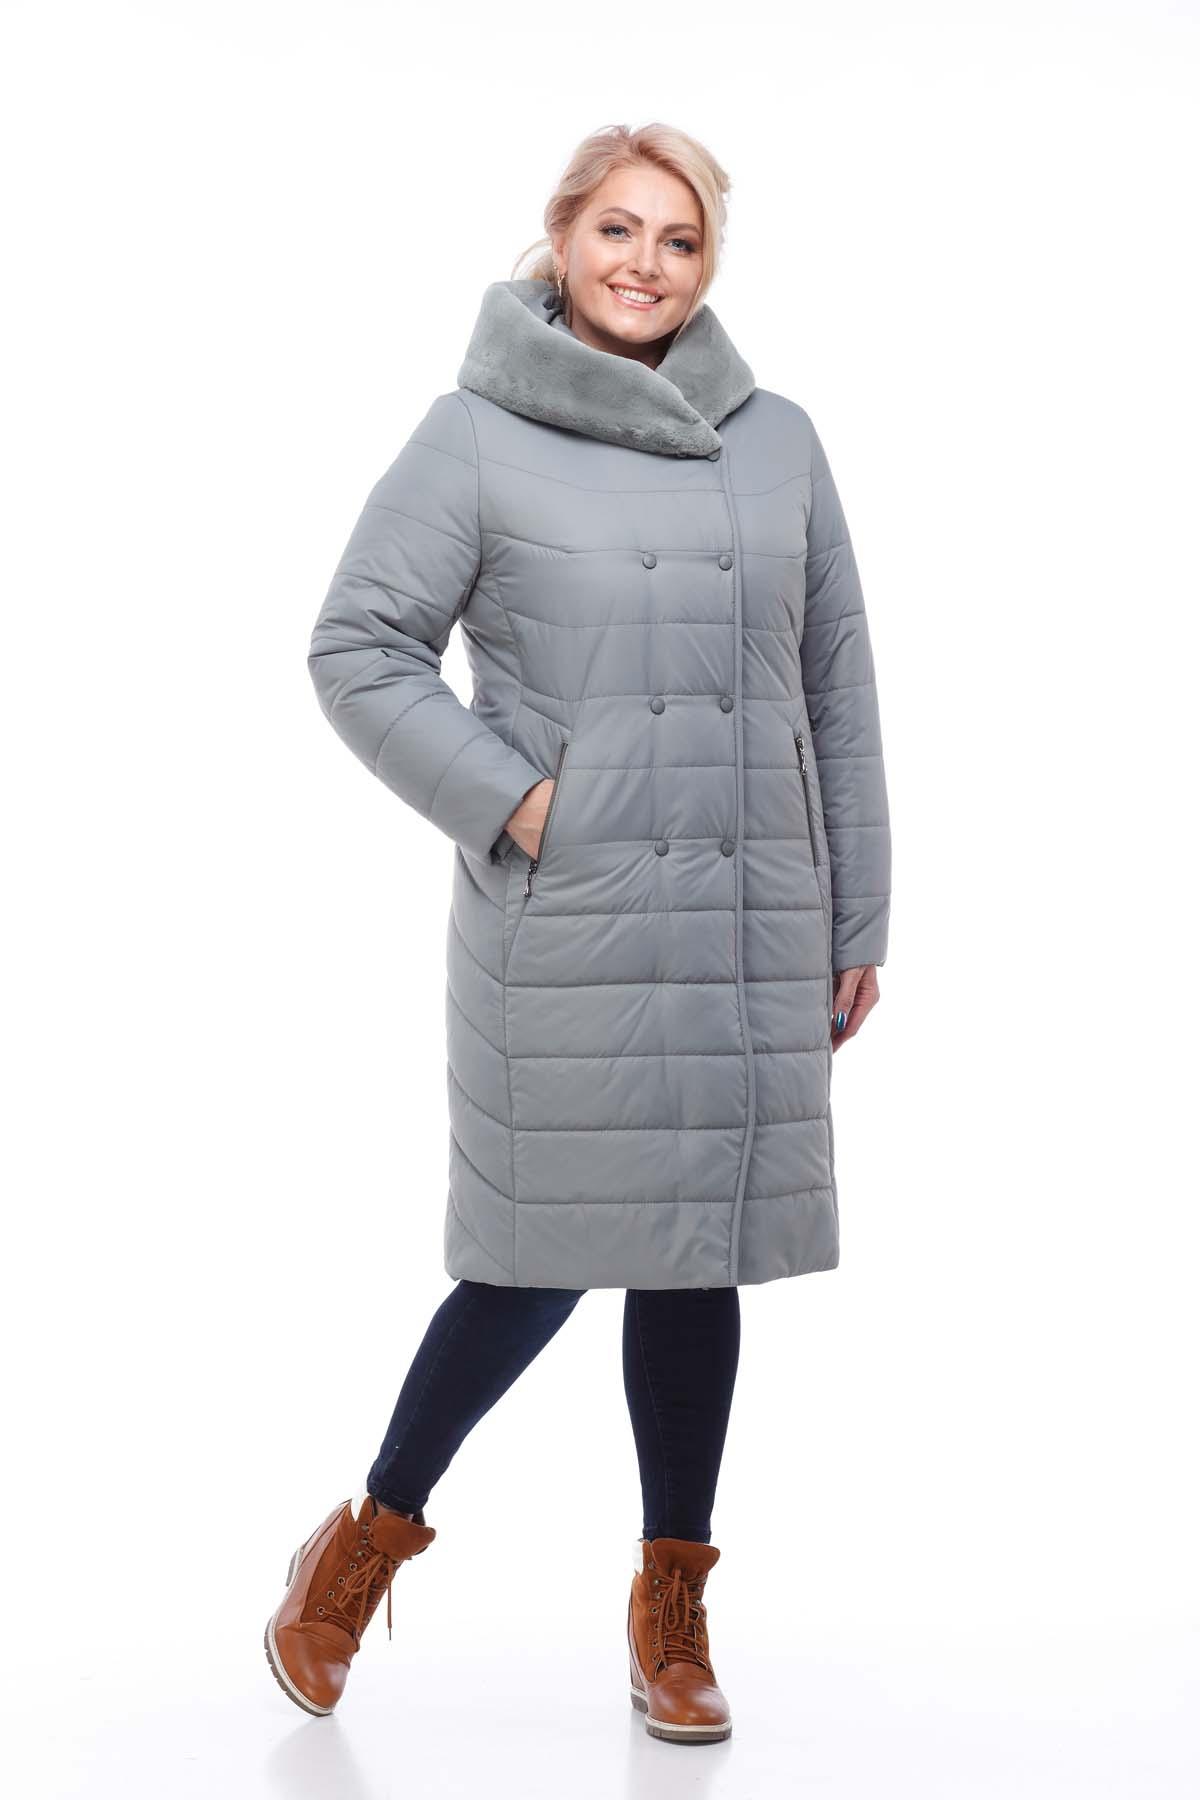 Зимове пальто стьогане Кім Зима, кролик фісташки